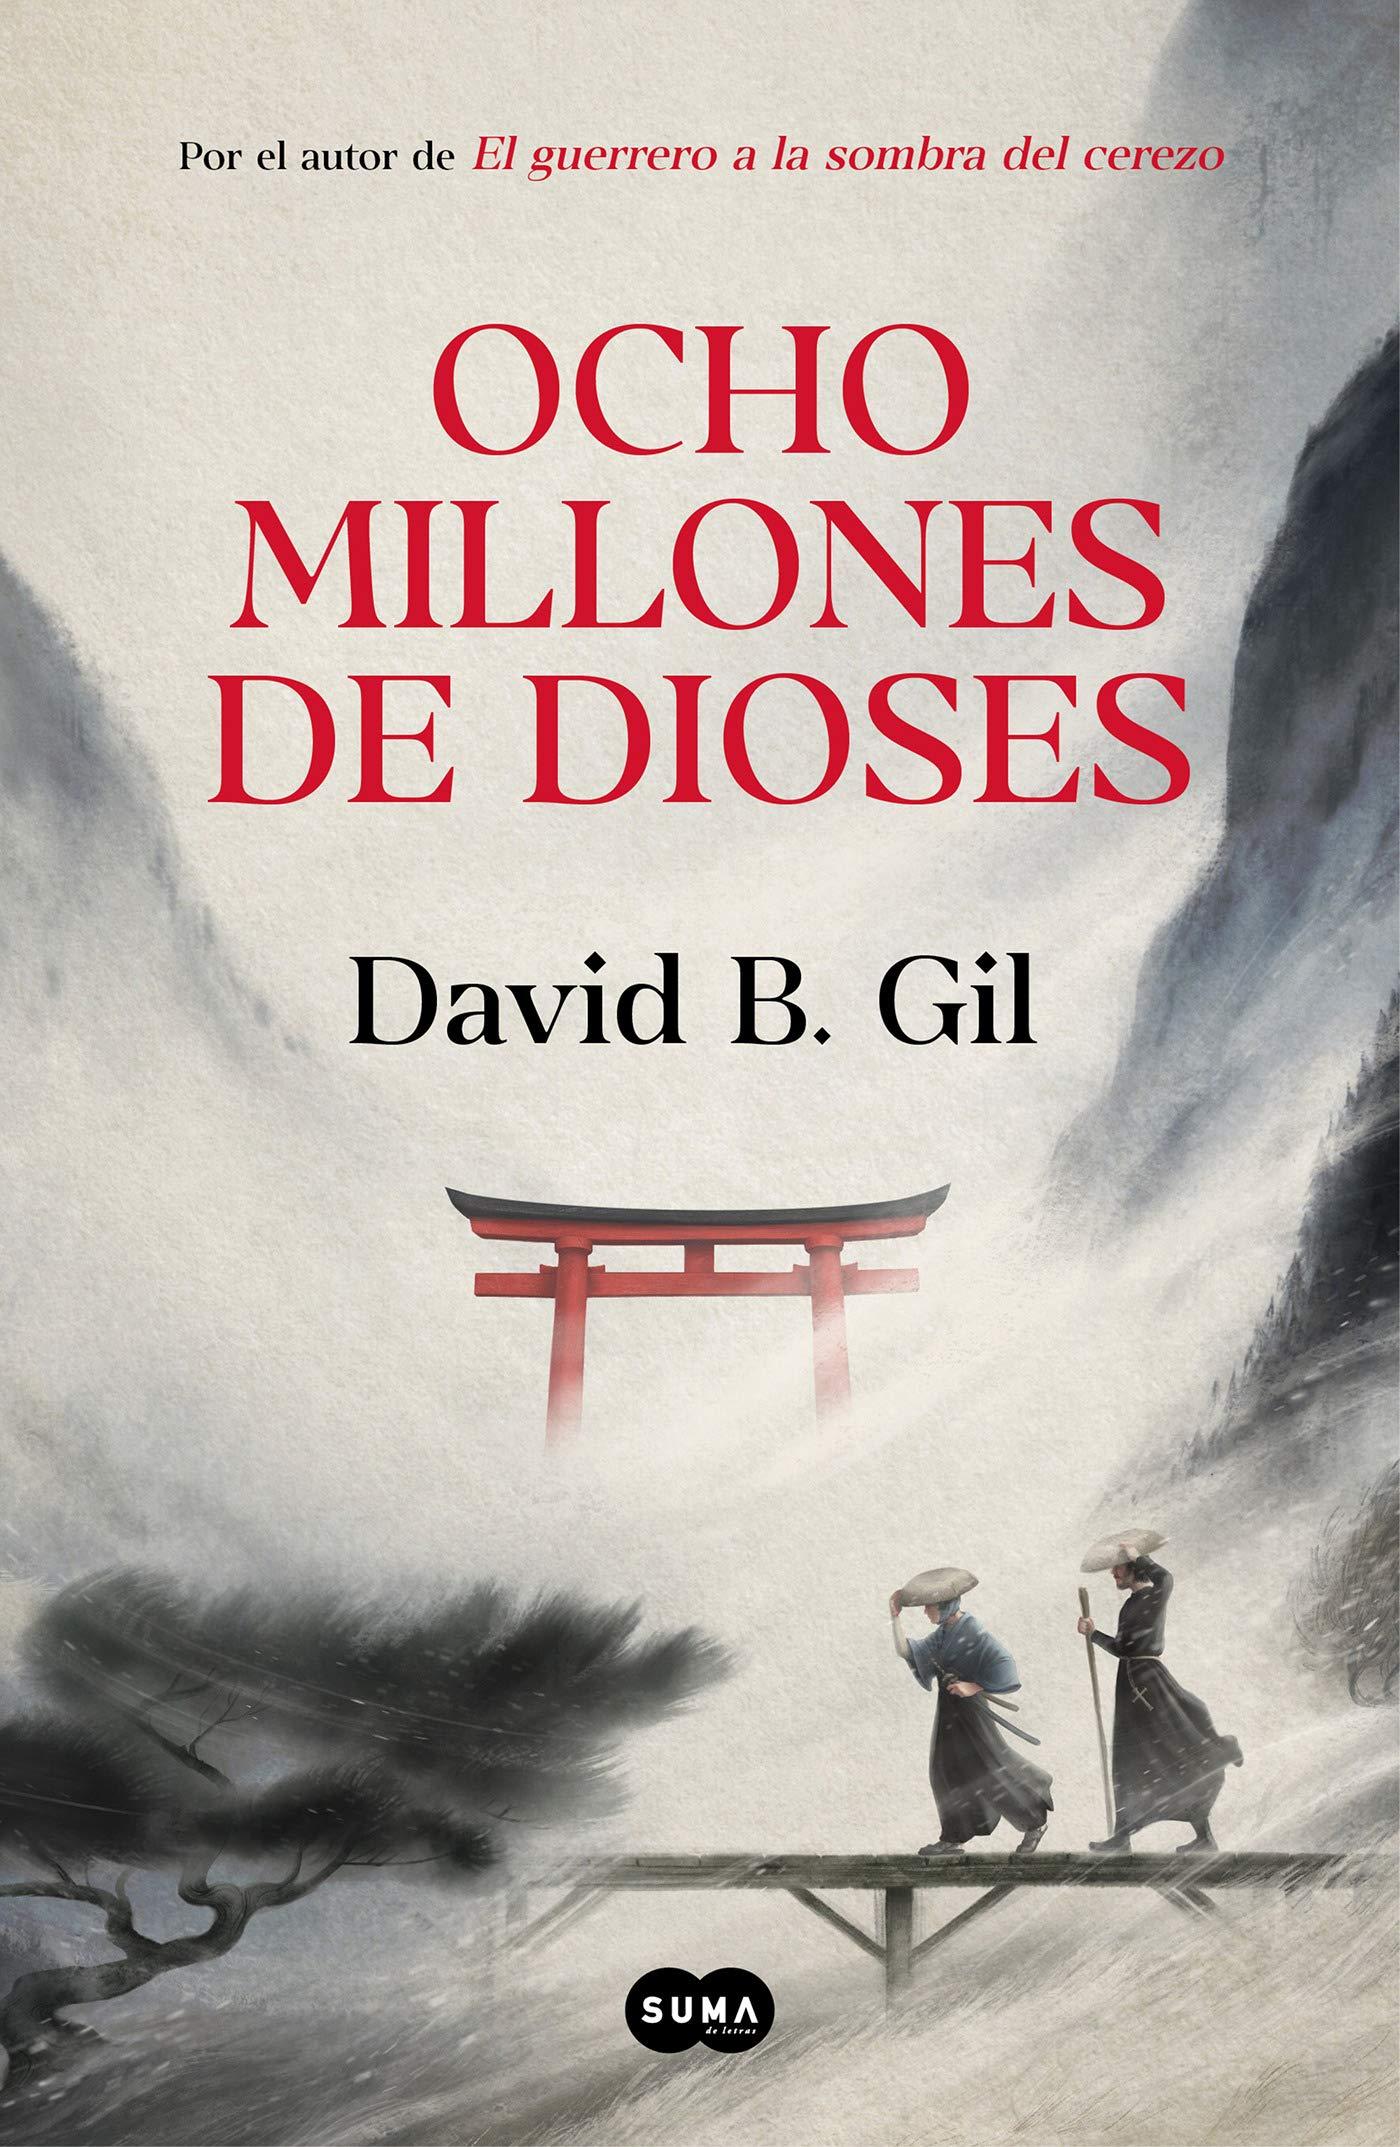 Ocho millones de dioses por David B. Gil